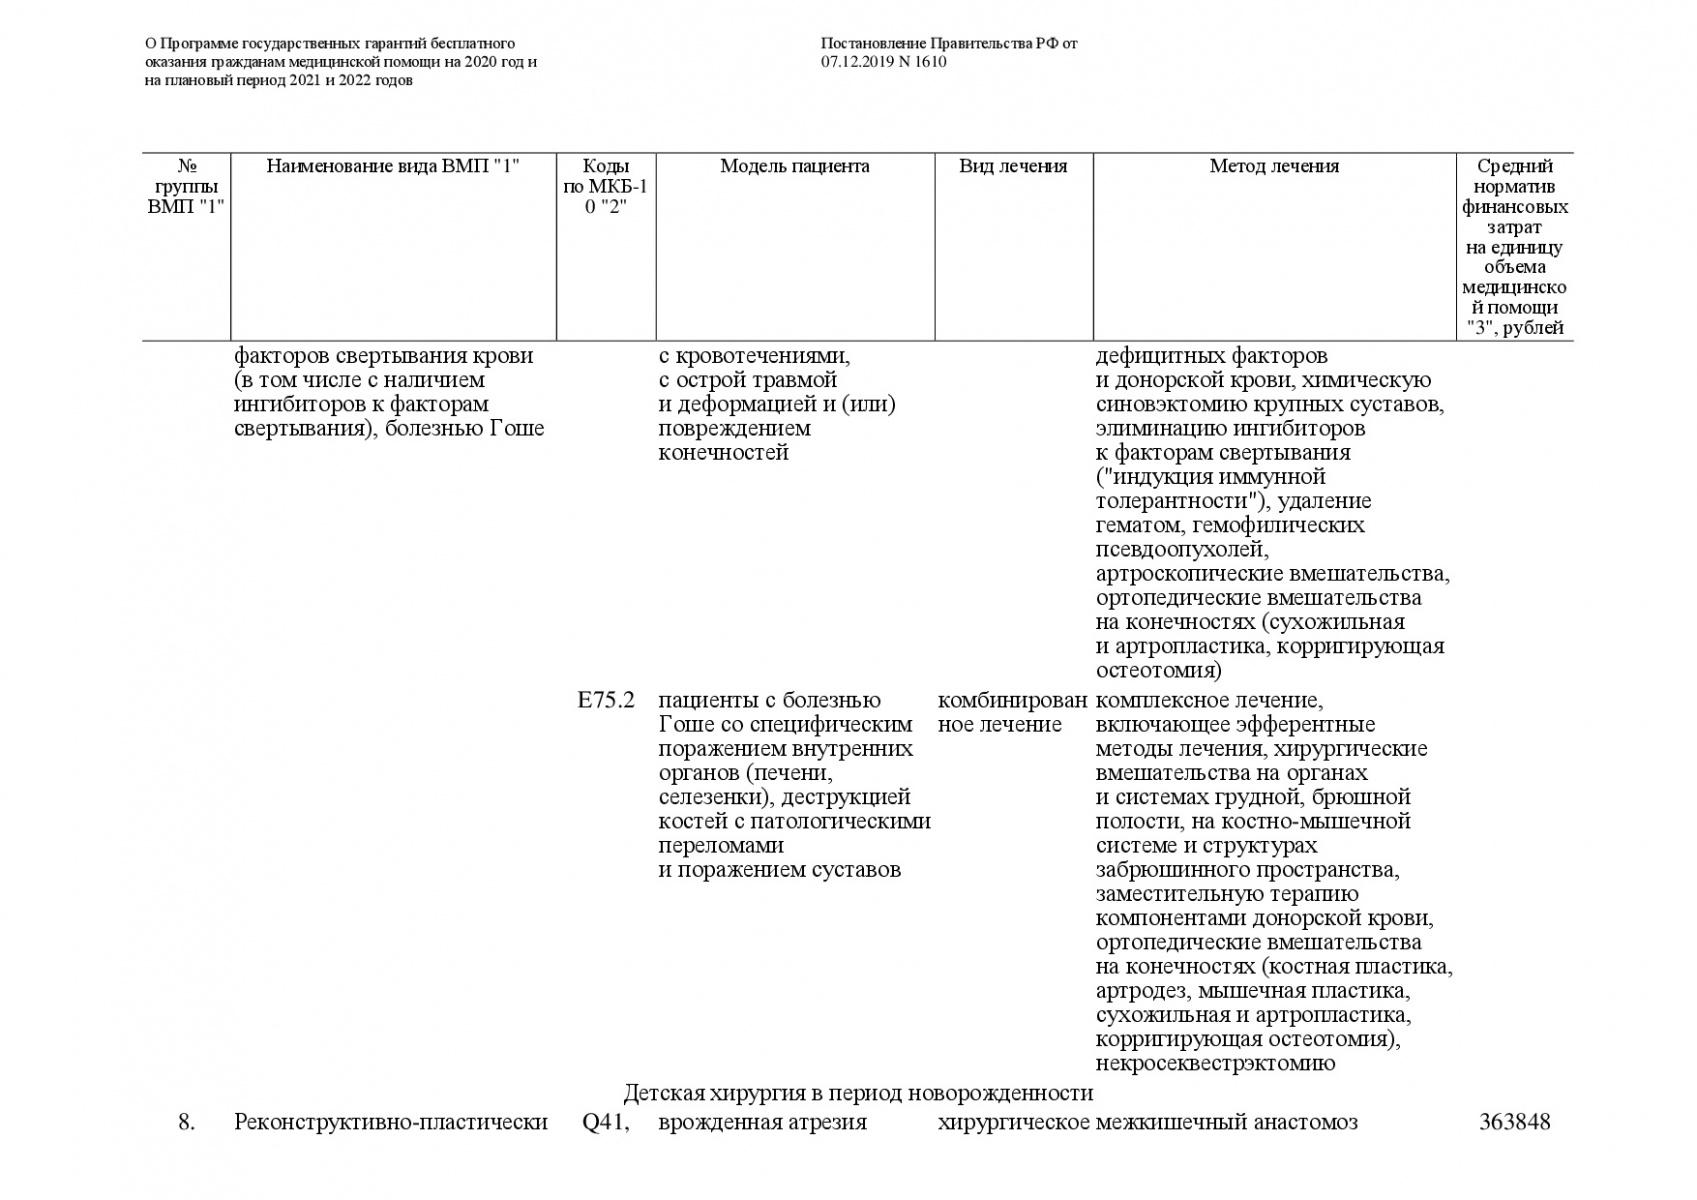 Postanovlenie-Pravitelstva-RF-ot-07_12_2019-1610-O-PGG-148